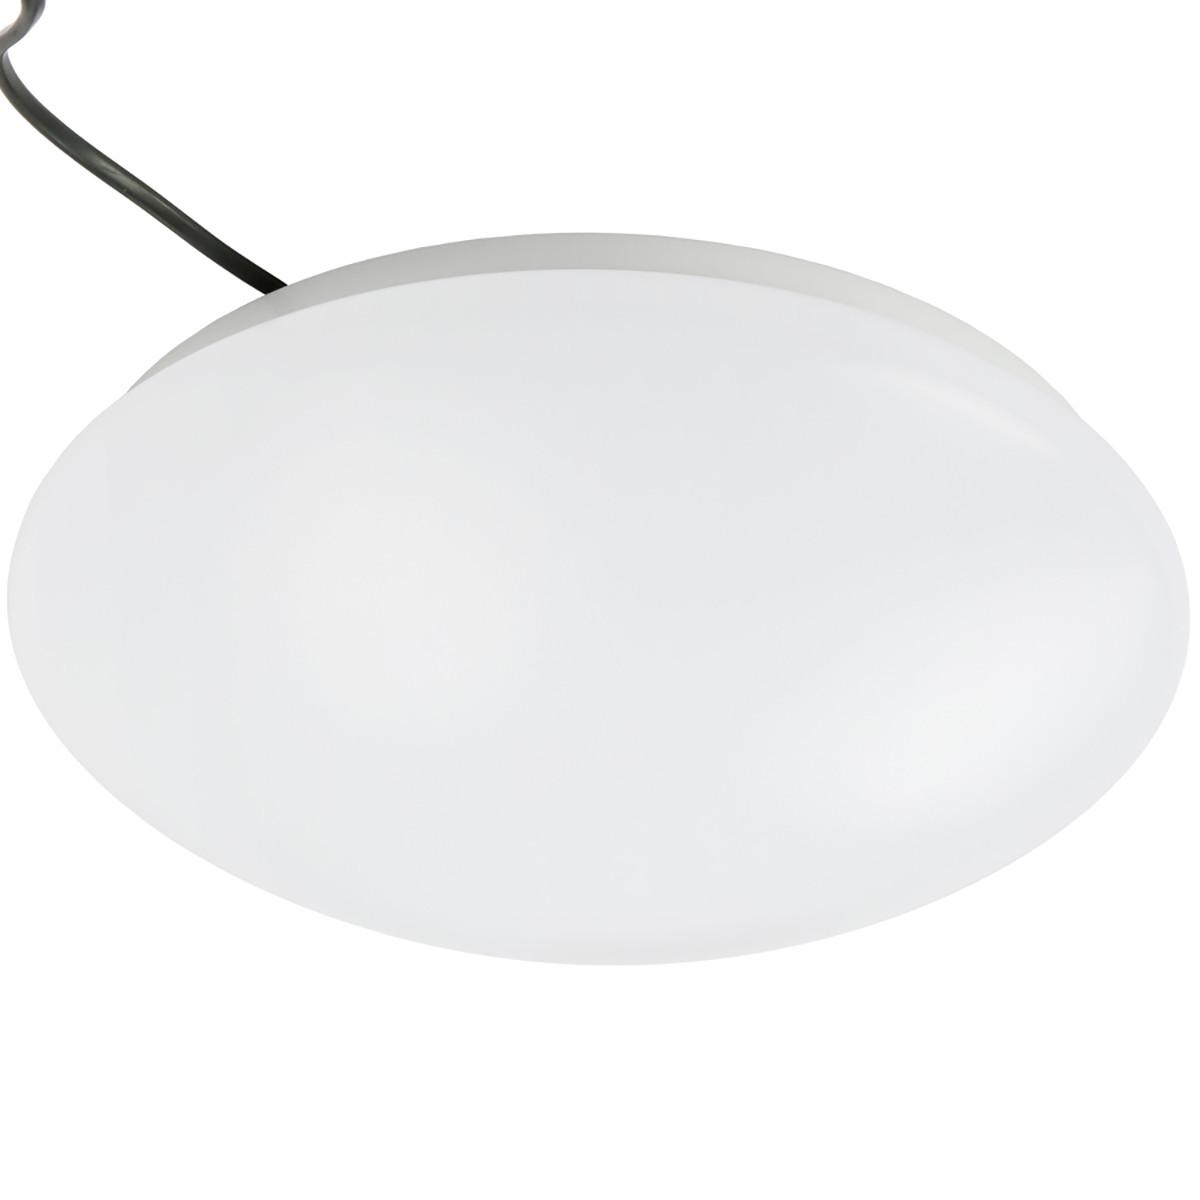 36w 19 68 Inch Modern Led Flush Mount Ceiling Light Fixture